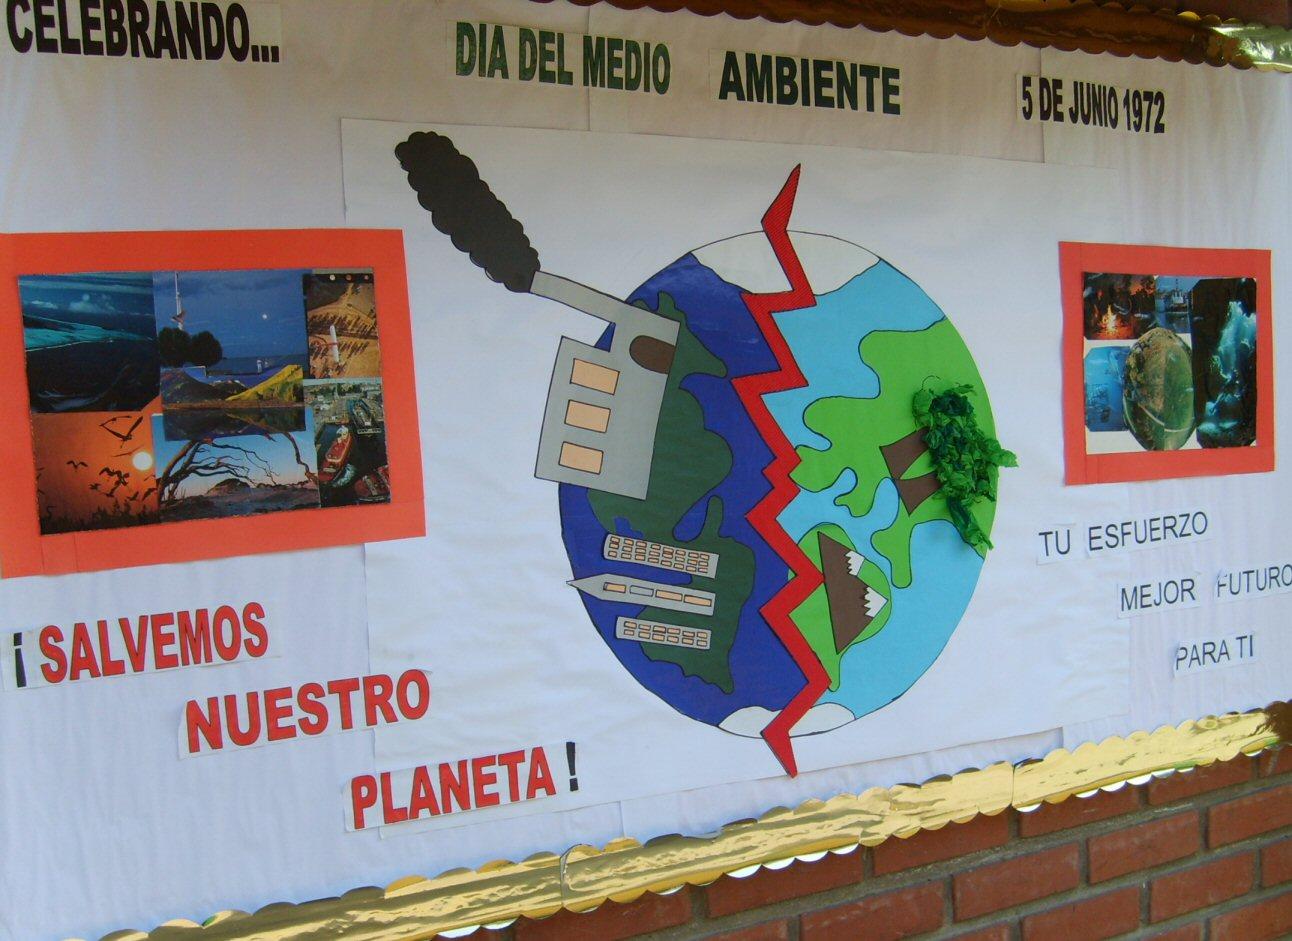 Forjadores ambientales de quilpu d a del medio ambiente for Mural sobre o meio ambiente